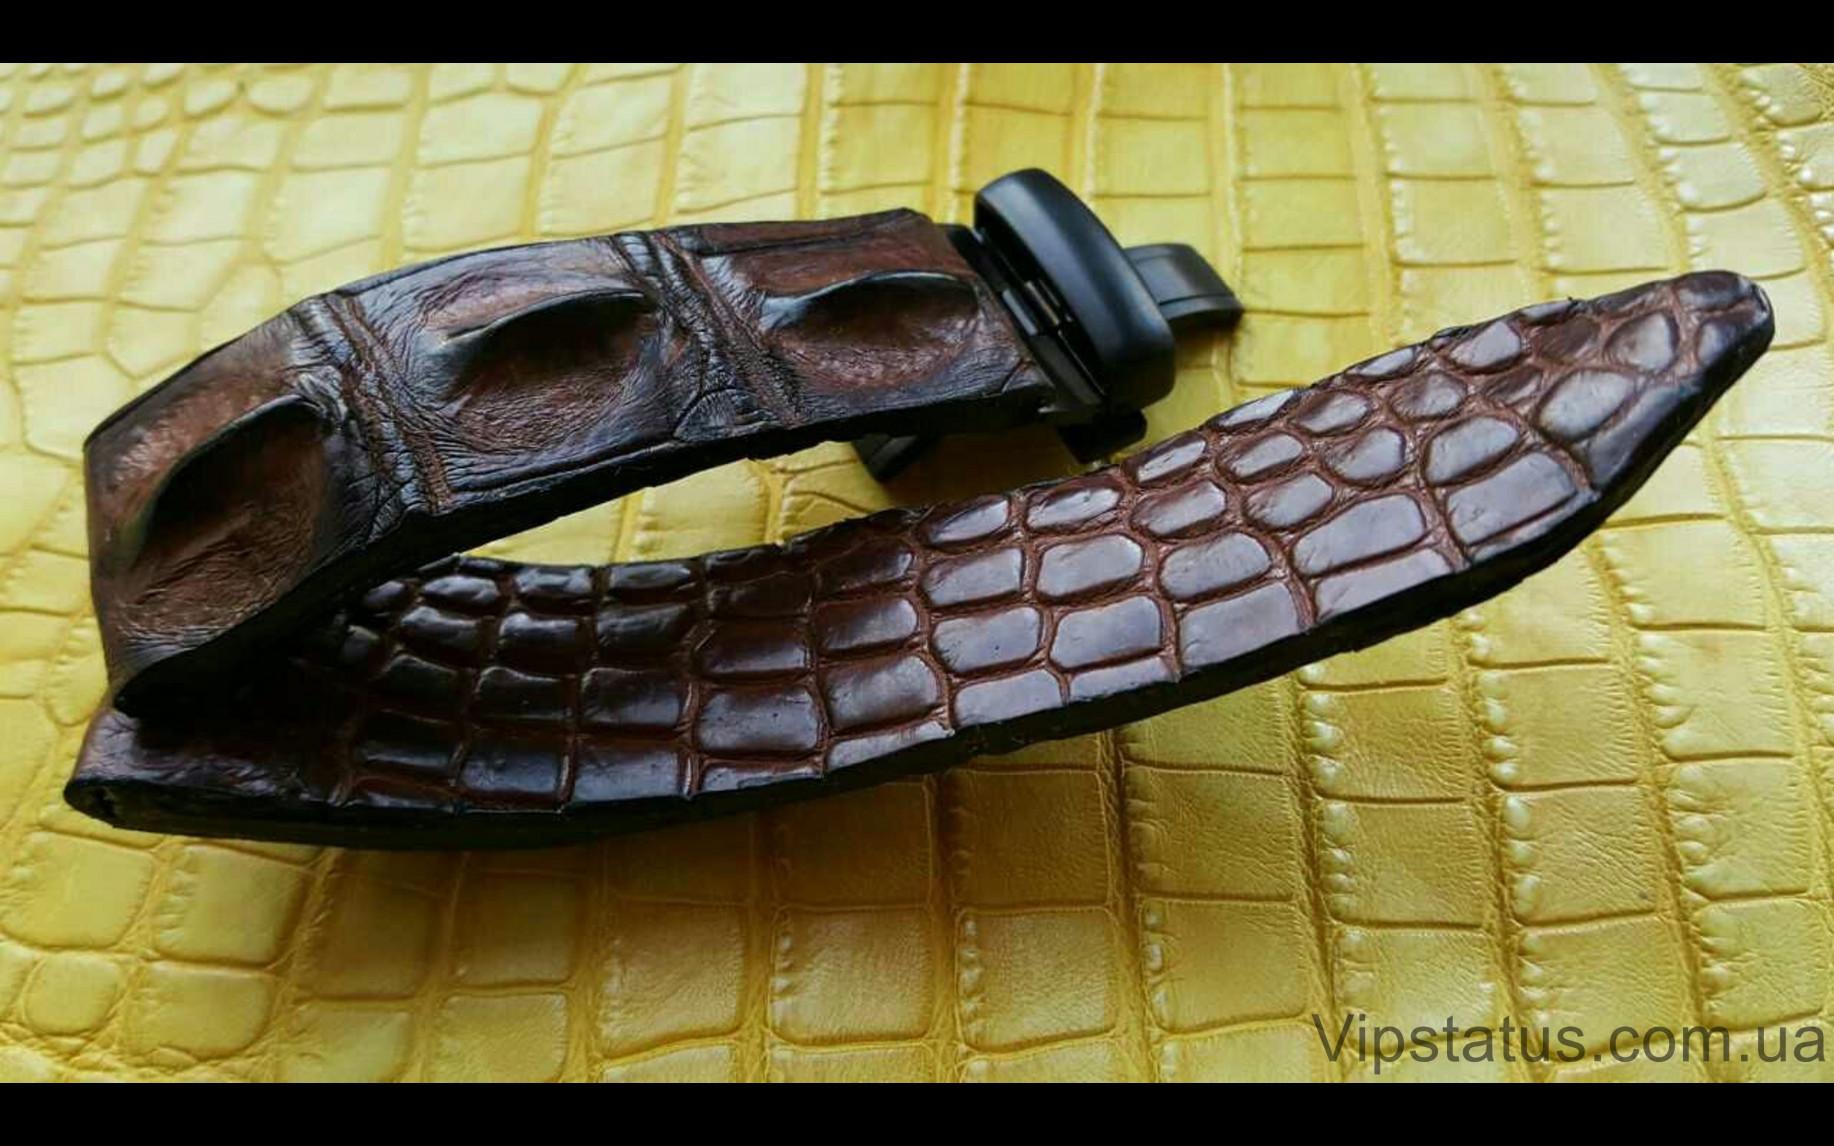 Elite Брутальный ремешок для часов Breguet кожа крокодила Brutal Crocodile Strap for Breguet watches image 1